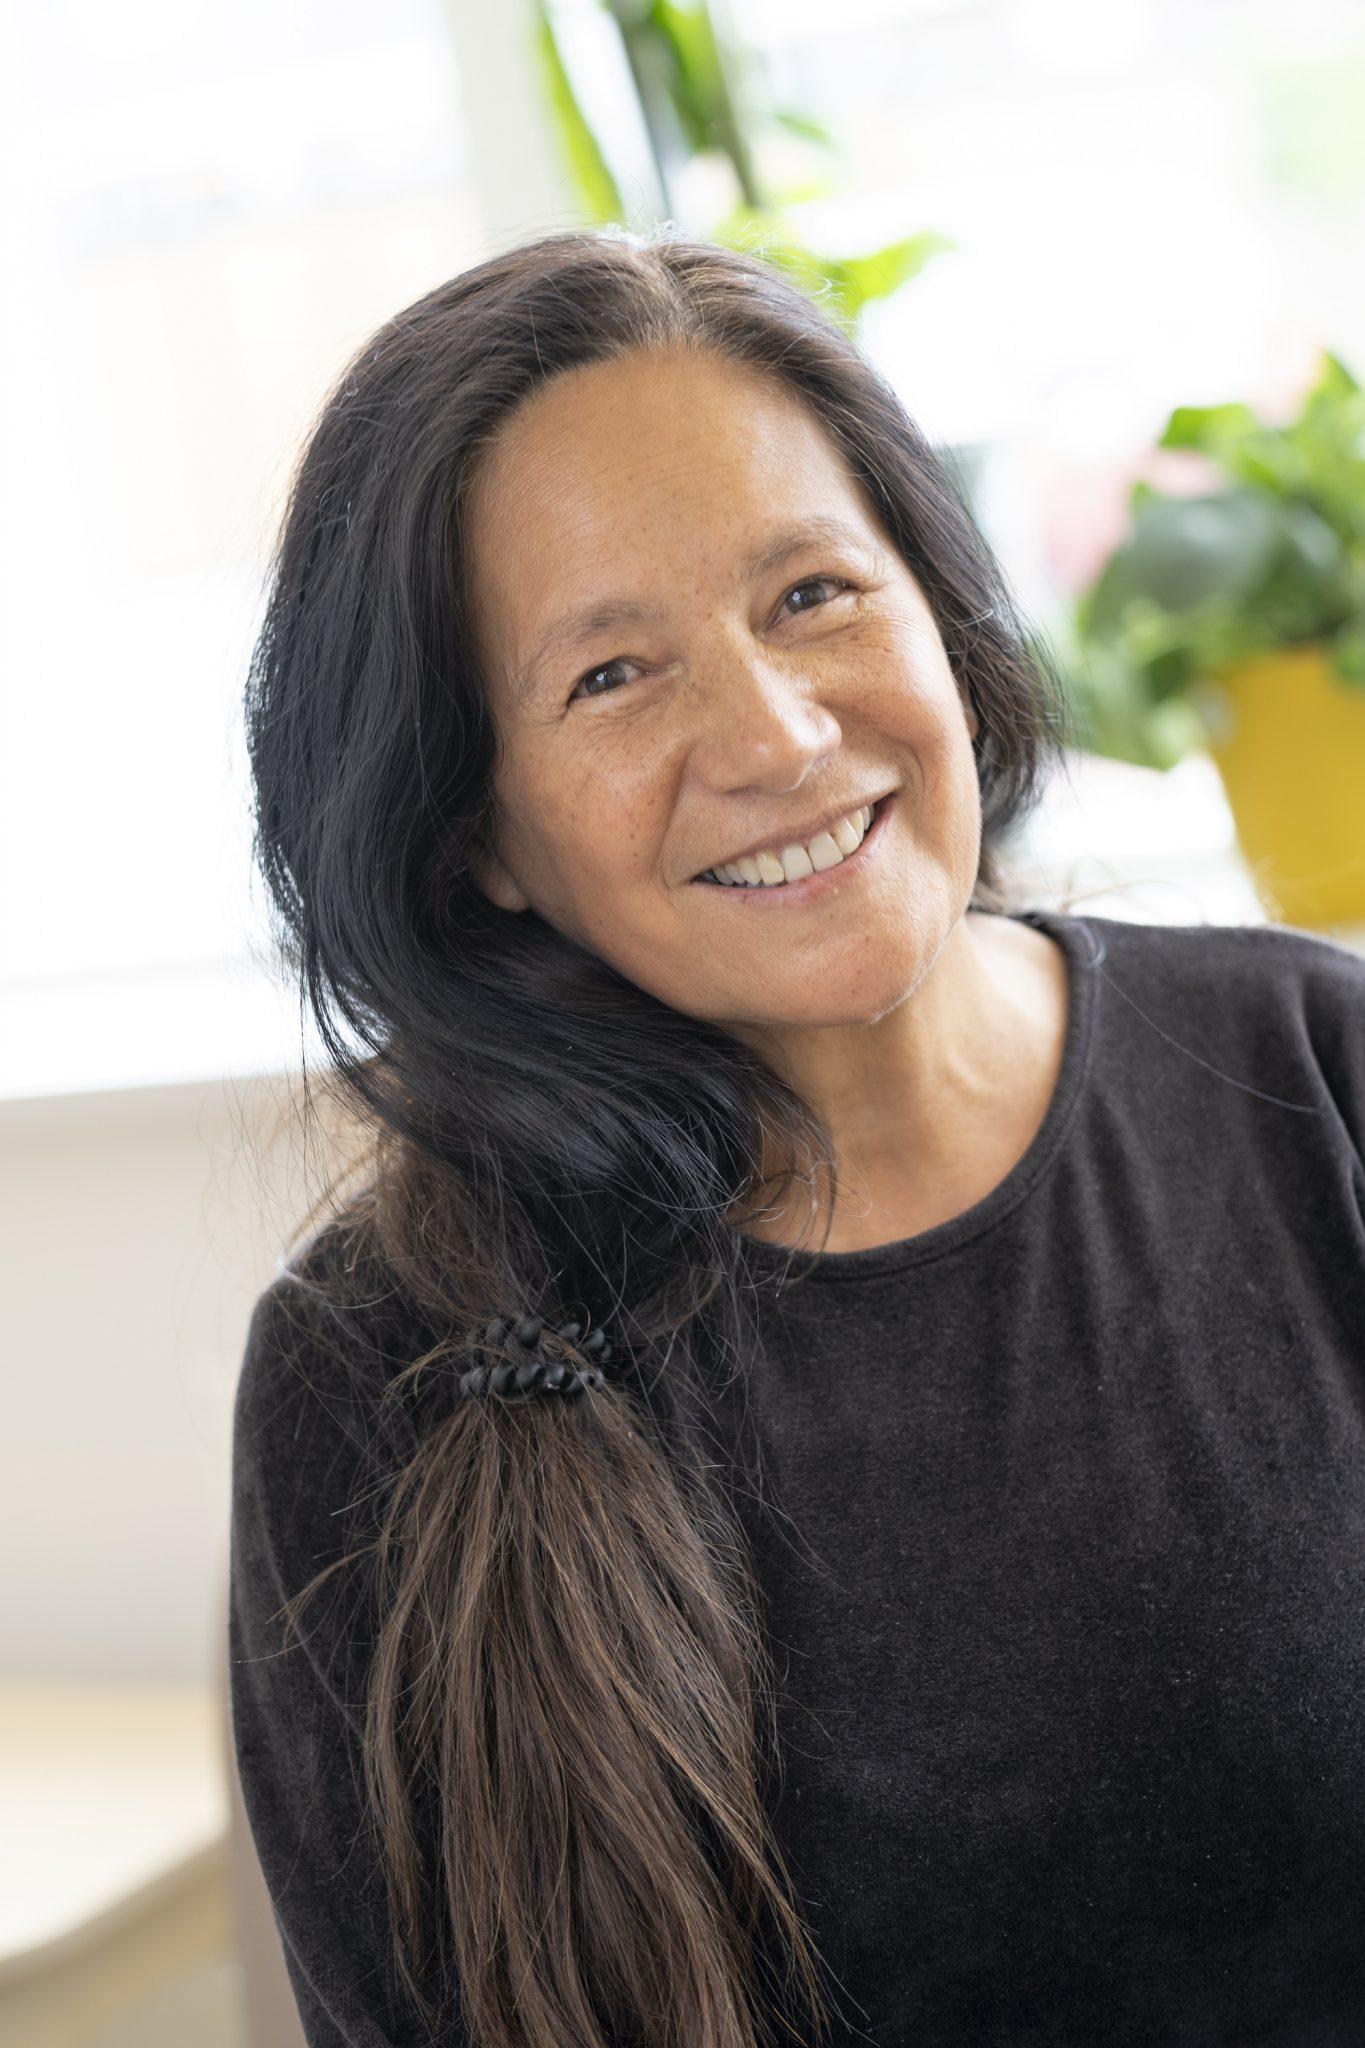 Ingrid Kockx